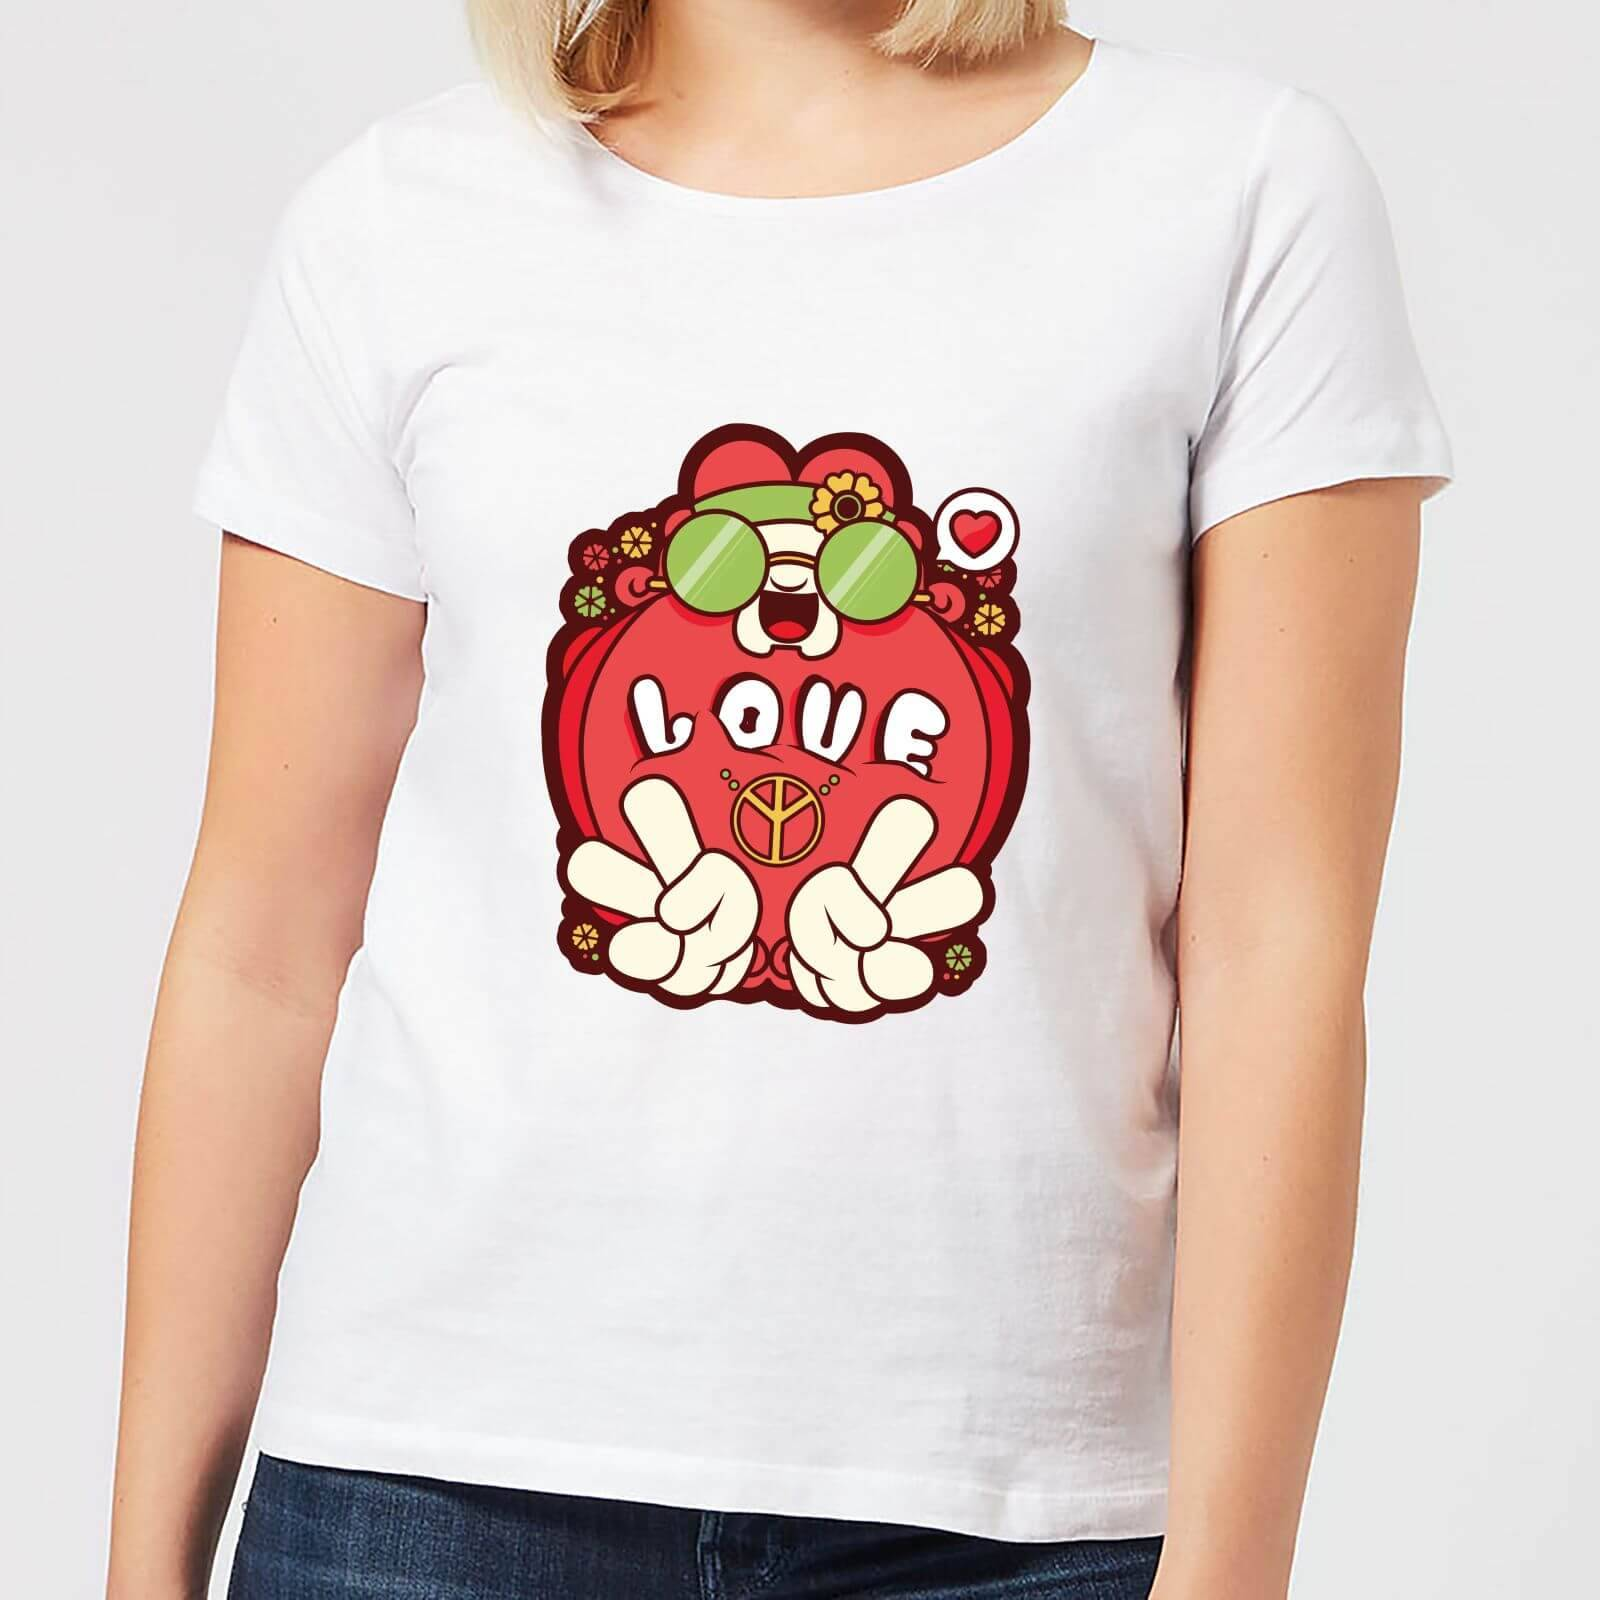 IWOOT Hippie Love Cartoon Women's T-Shirt - White - S - White